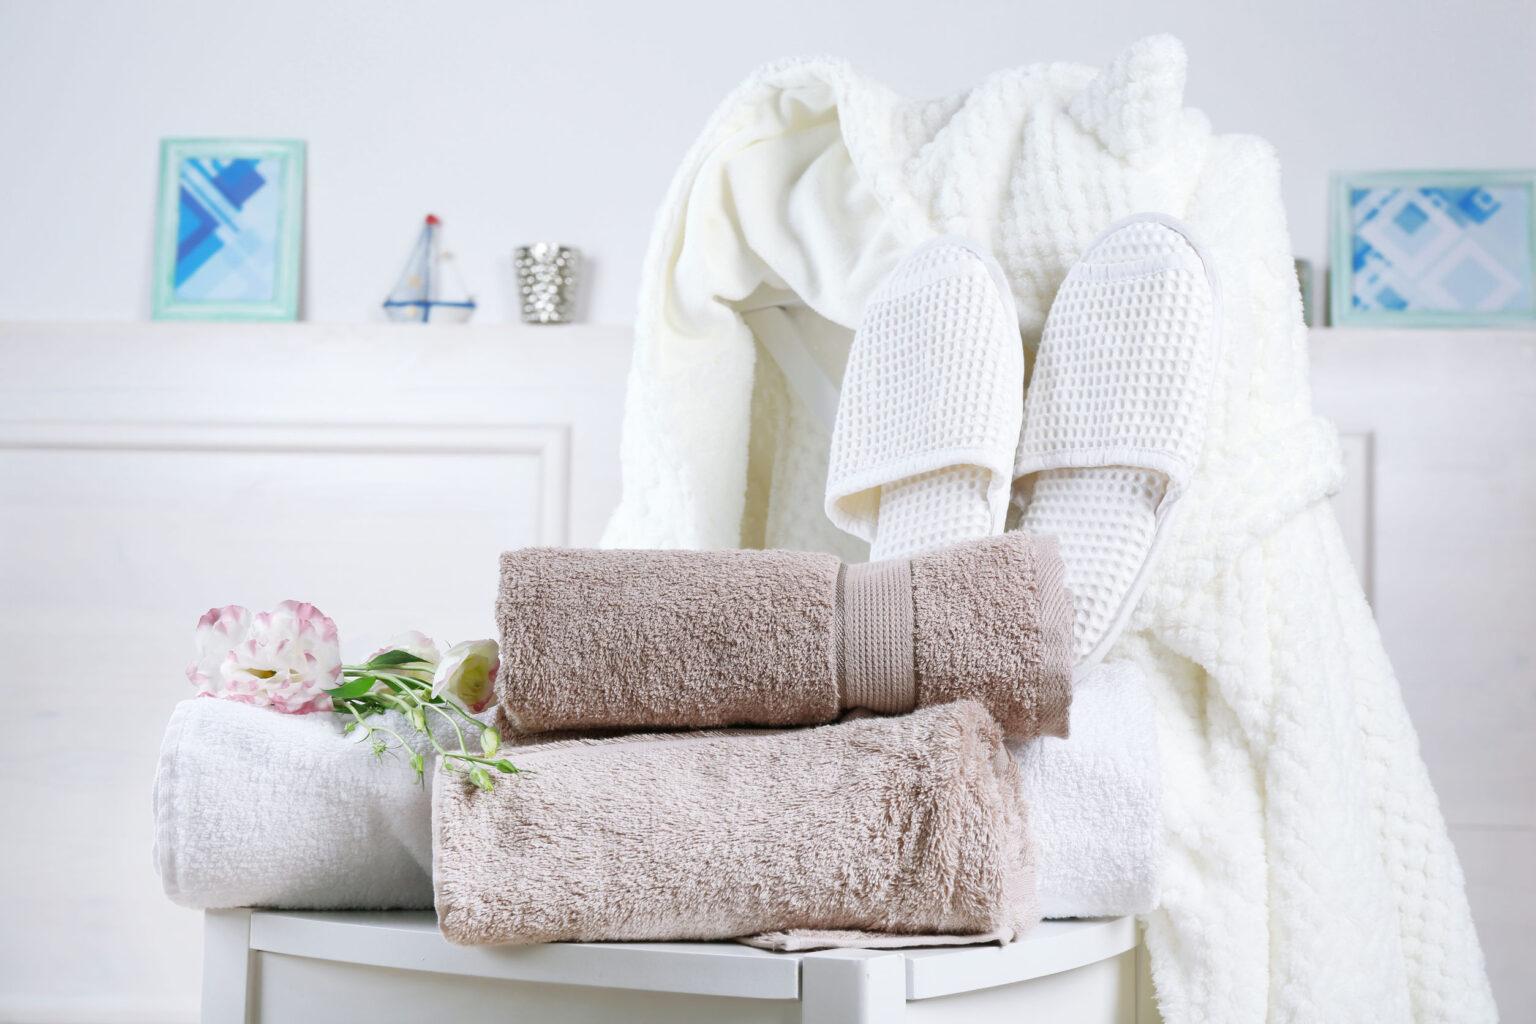 Productos | Blancos para Hotel Hospital Spa y Mantelería | Mancini textil